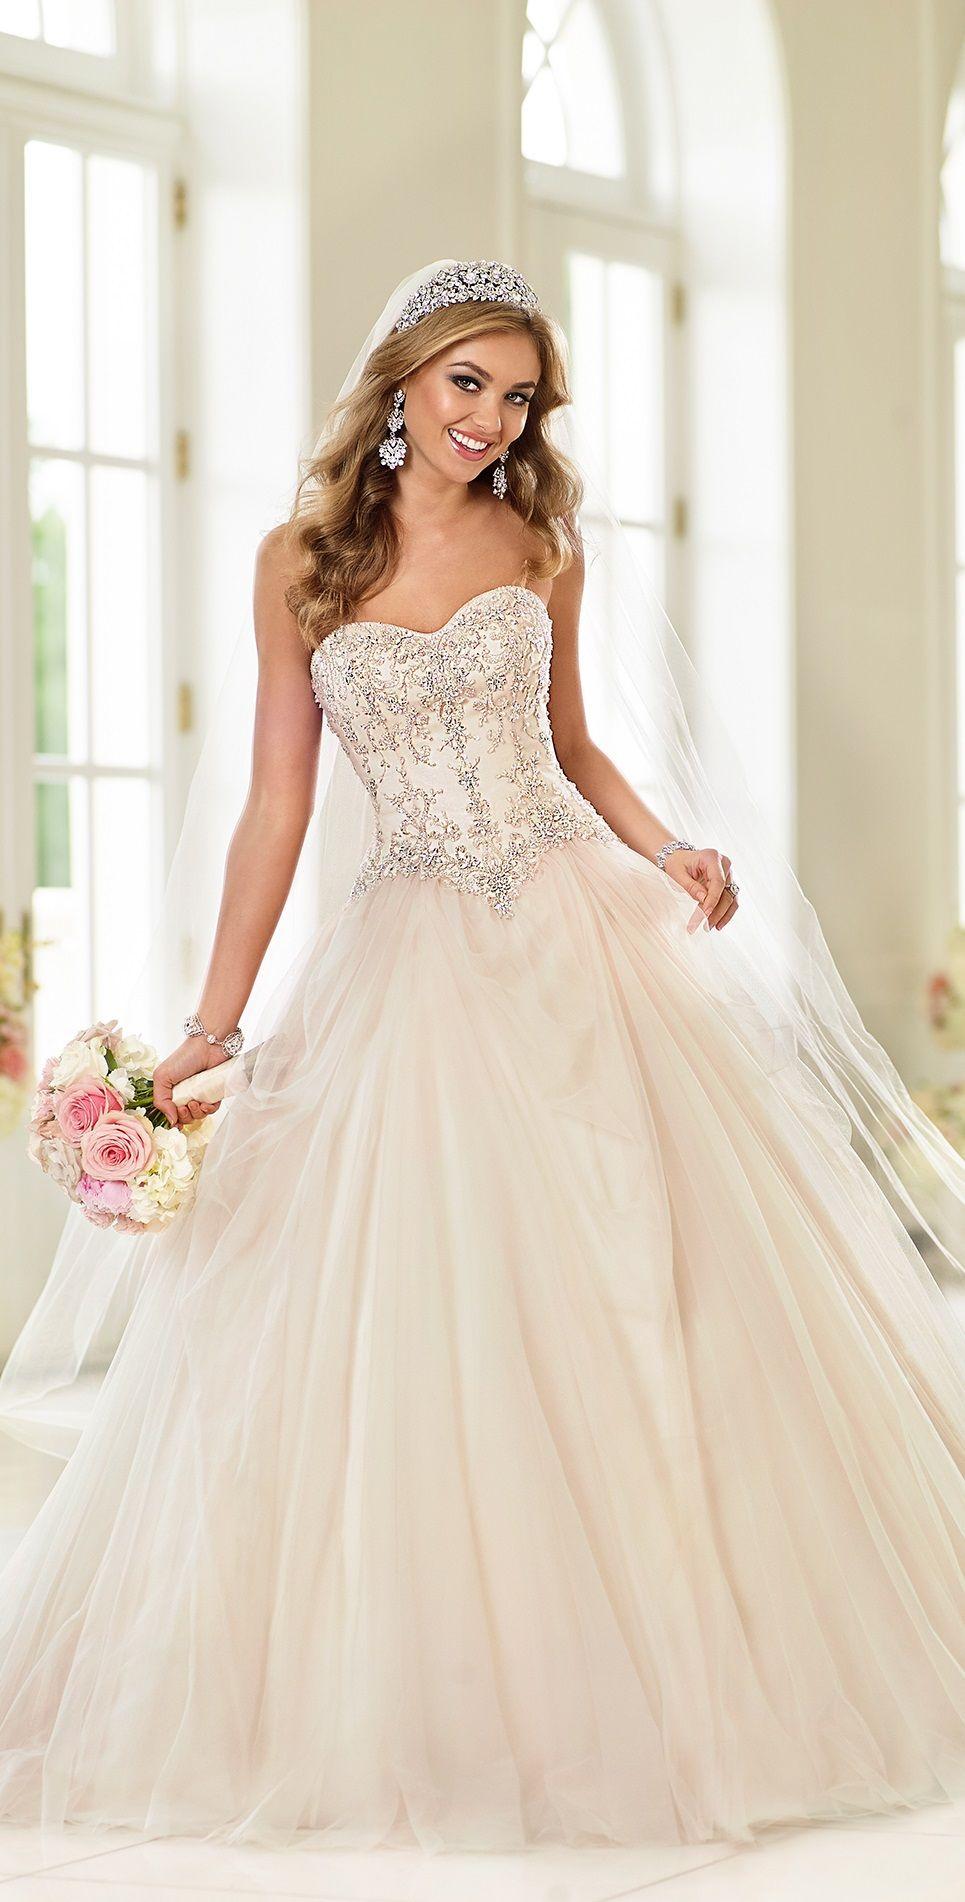 beautiful princess wedding dress, by Stella York. One of